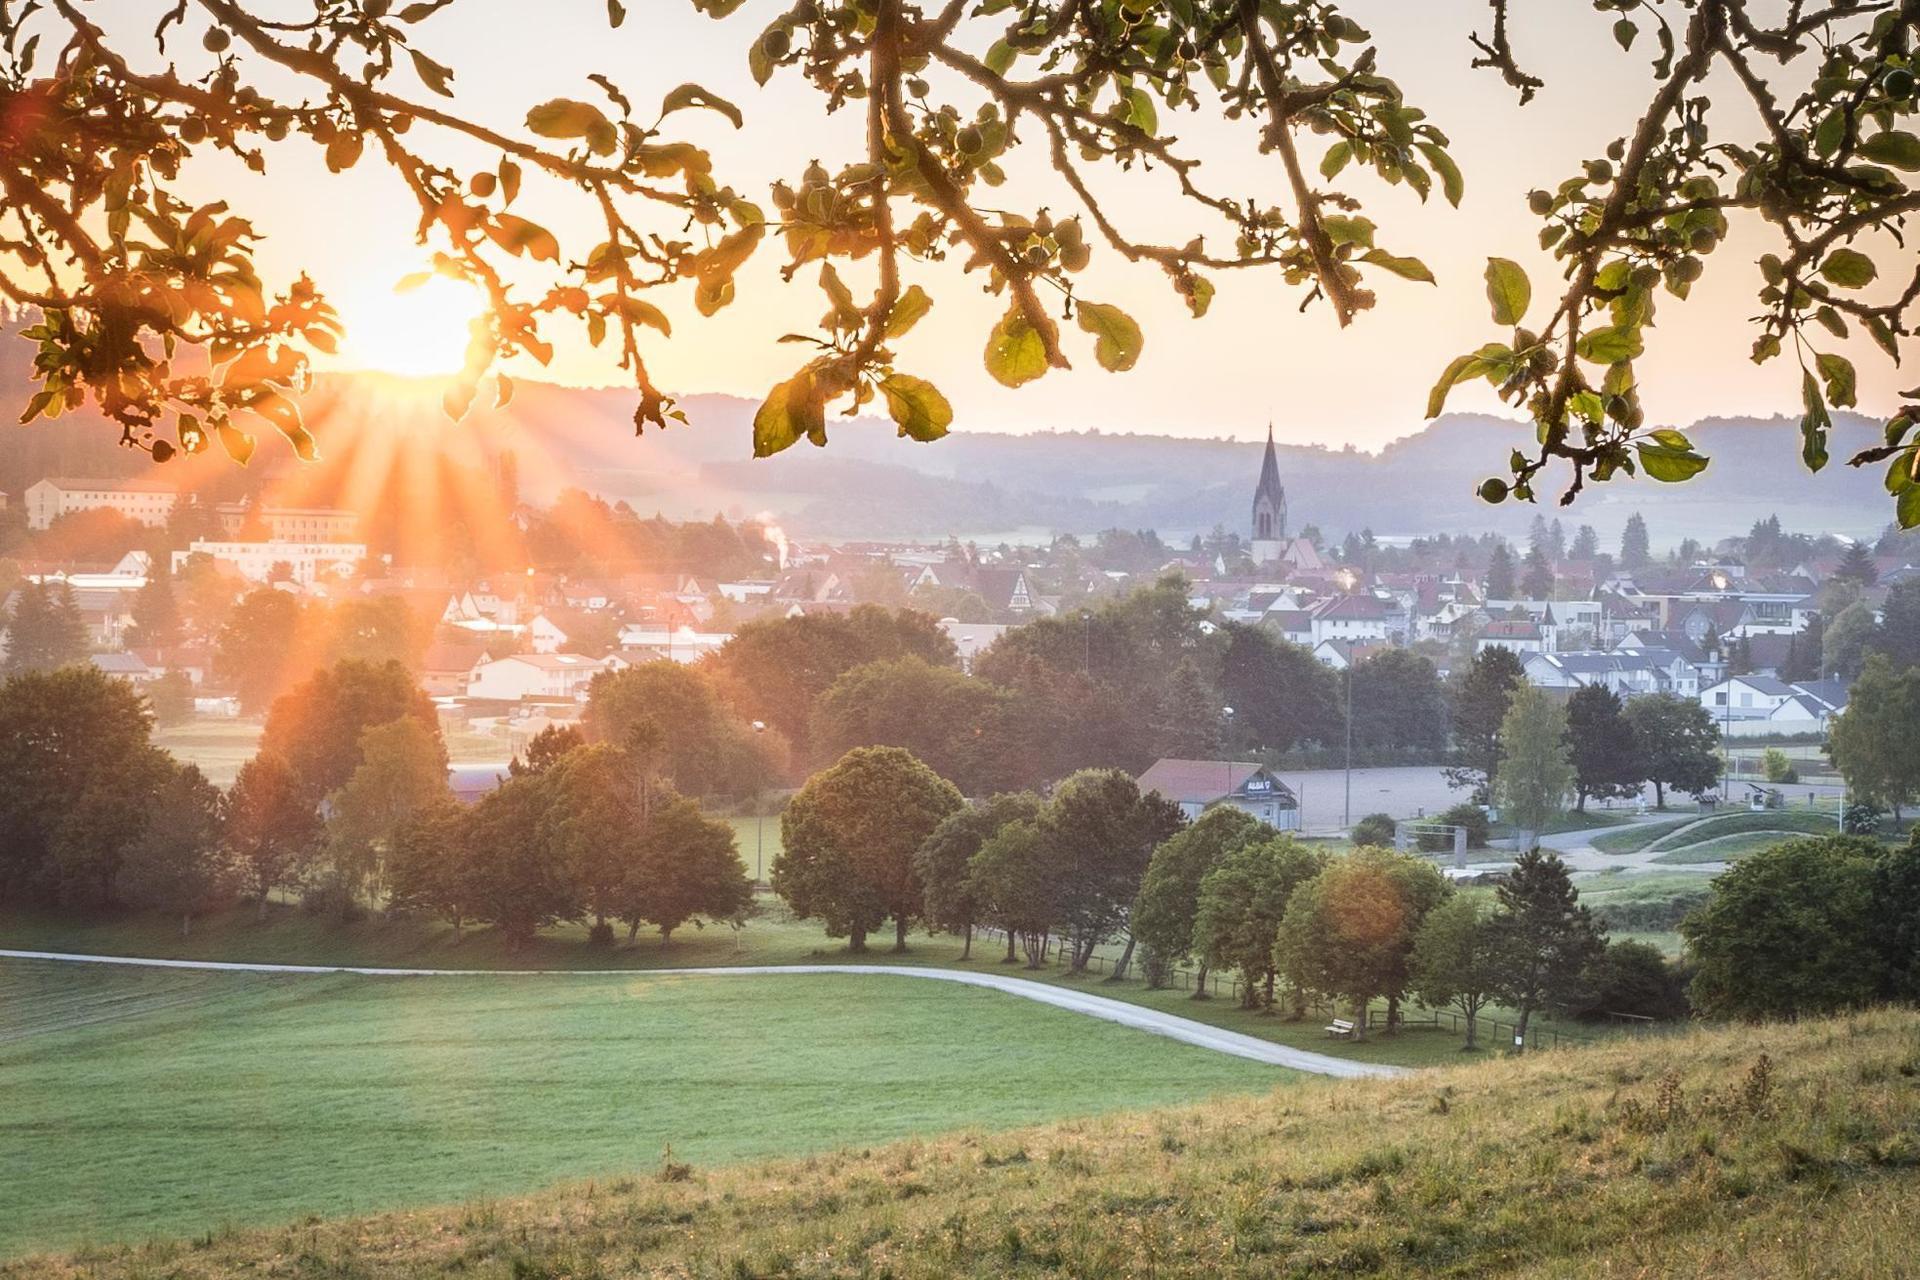 Der Ausblick auf eine Stadt im Sonnenaufgang. Am oberen Bildrand sind einige Äste eines Baums. Es herrscht kalte Morgenstimmung.